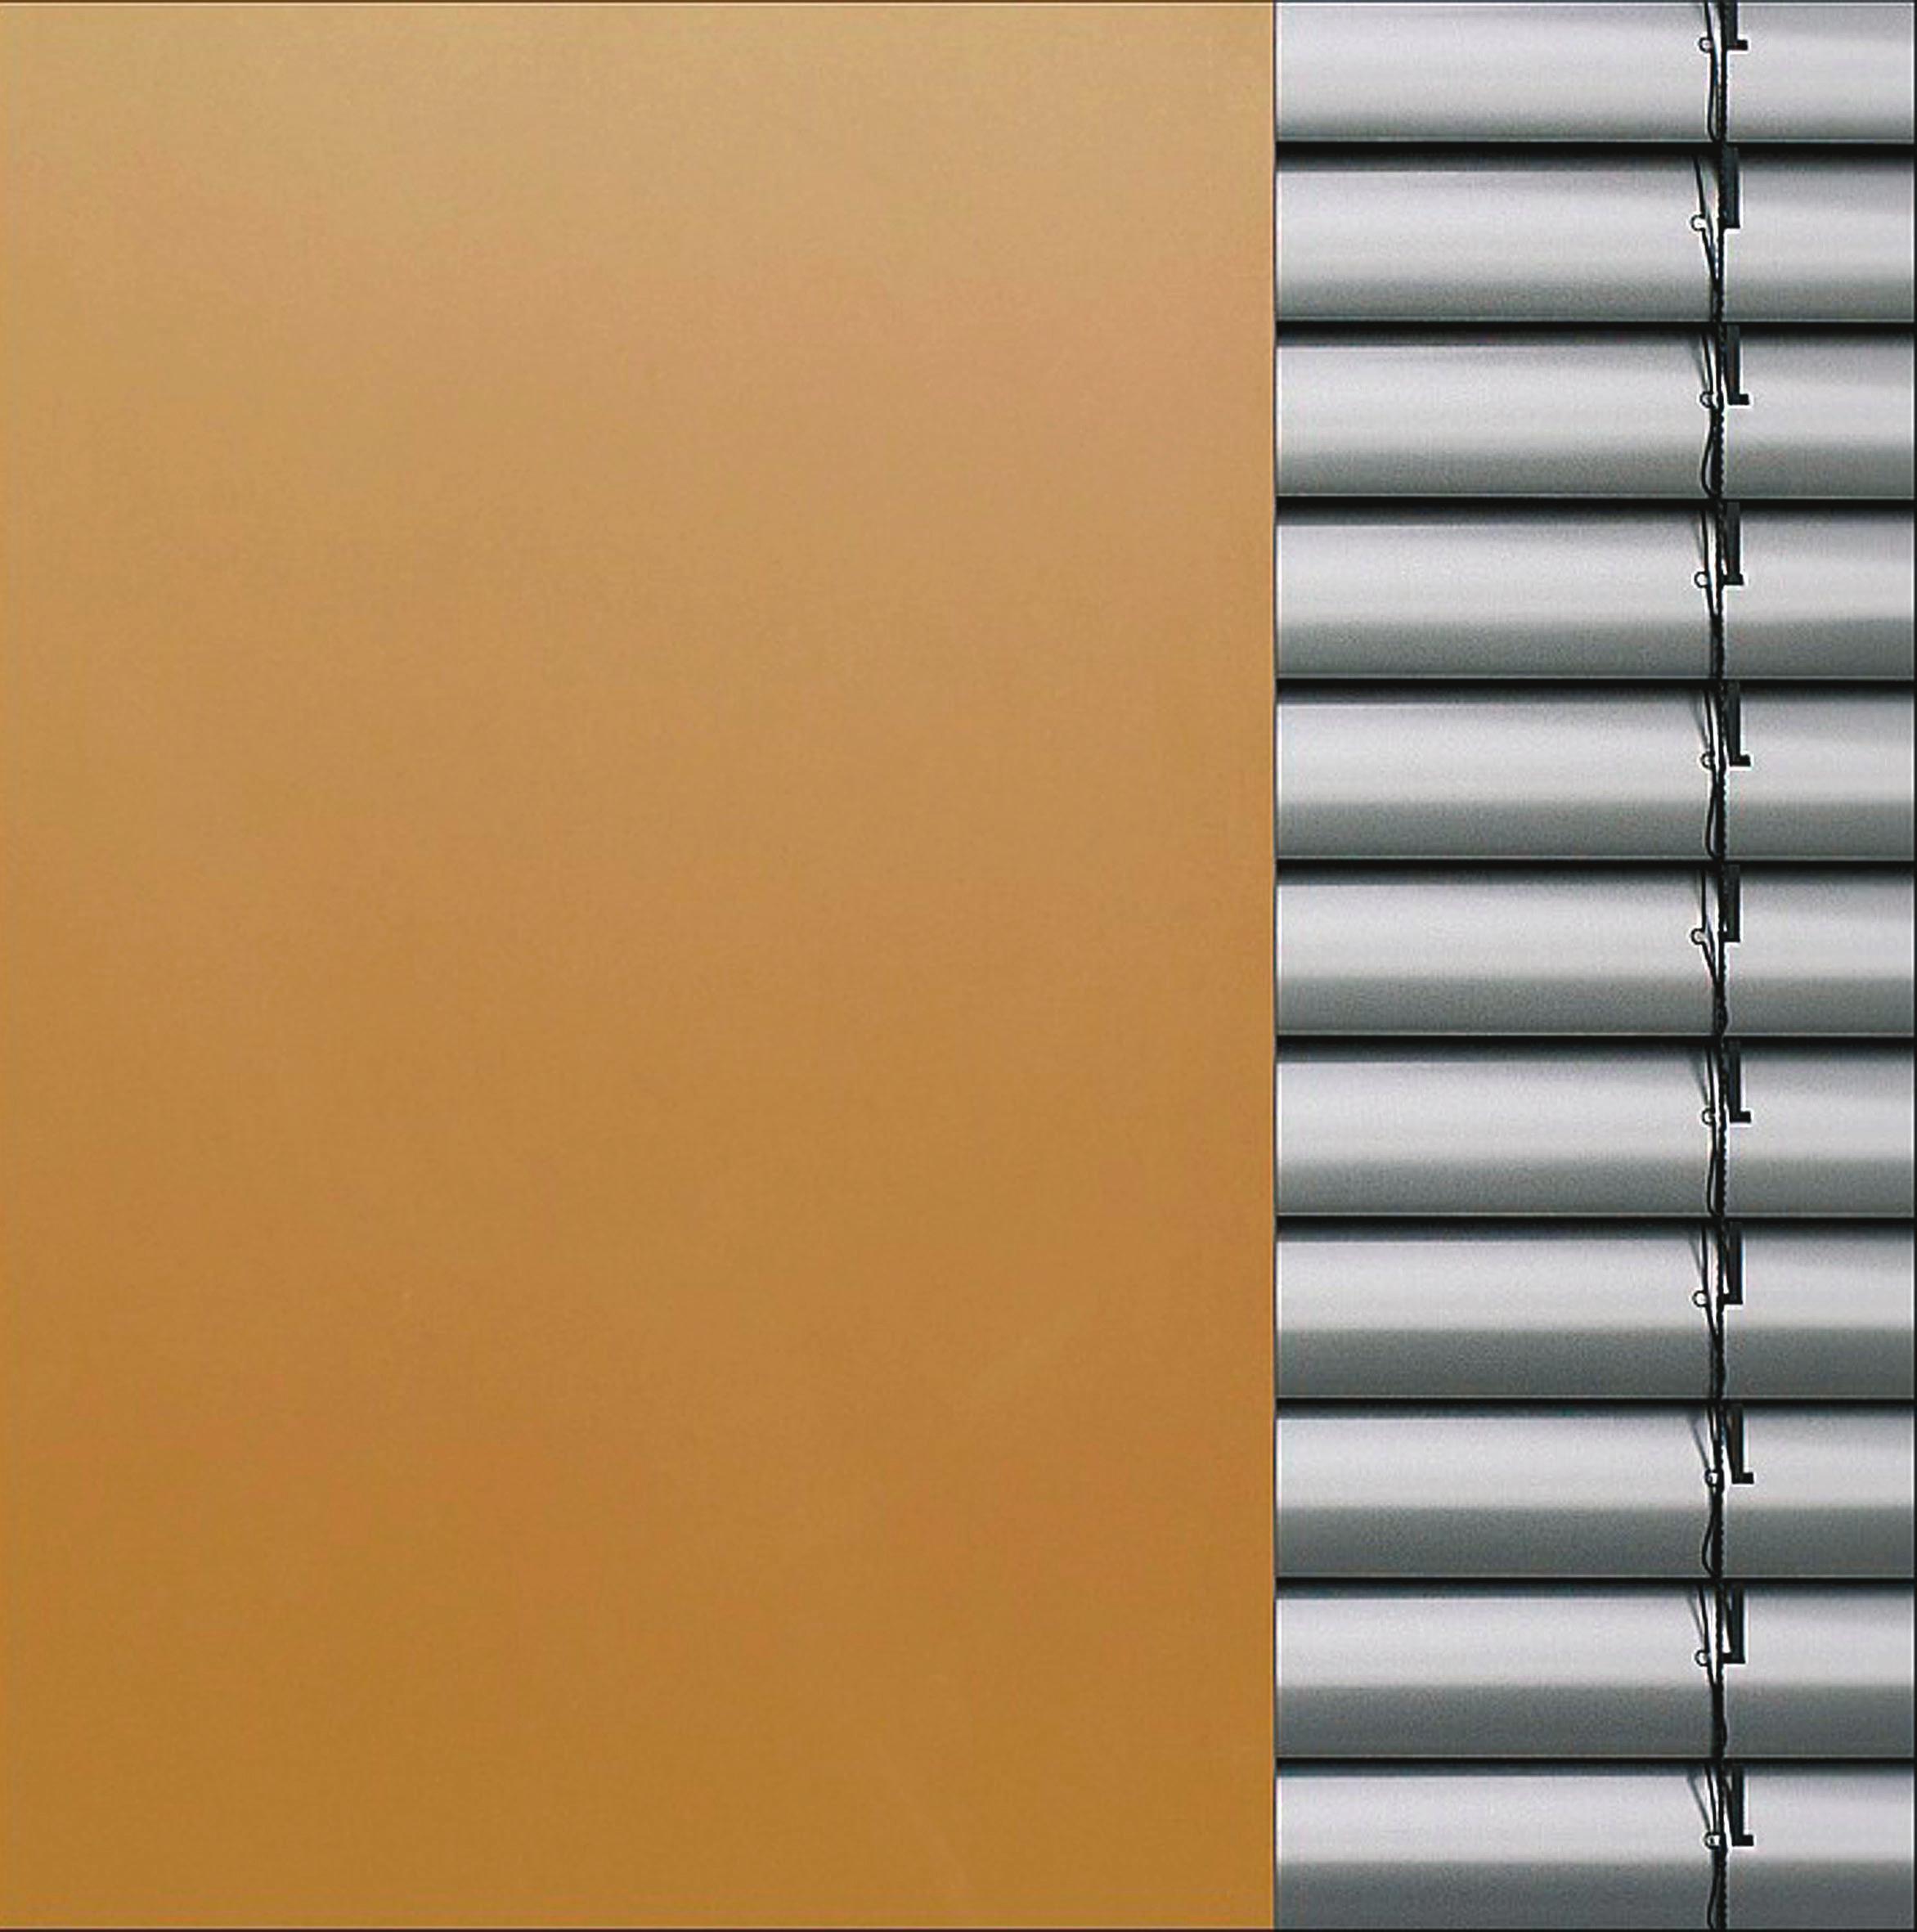 Wenn die Lamellen blickdicht verschlossen werden, halten sie Sonneneinstrahlung fast genauso effektiv ab wie ein undurchsichtiges Rollo. Foto: Pixabay